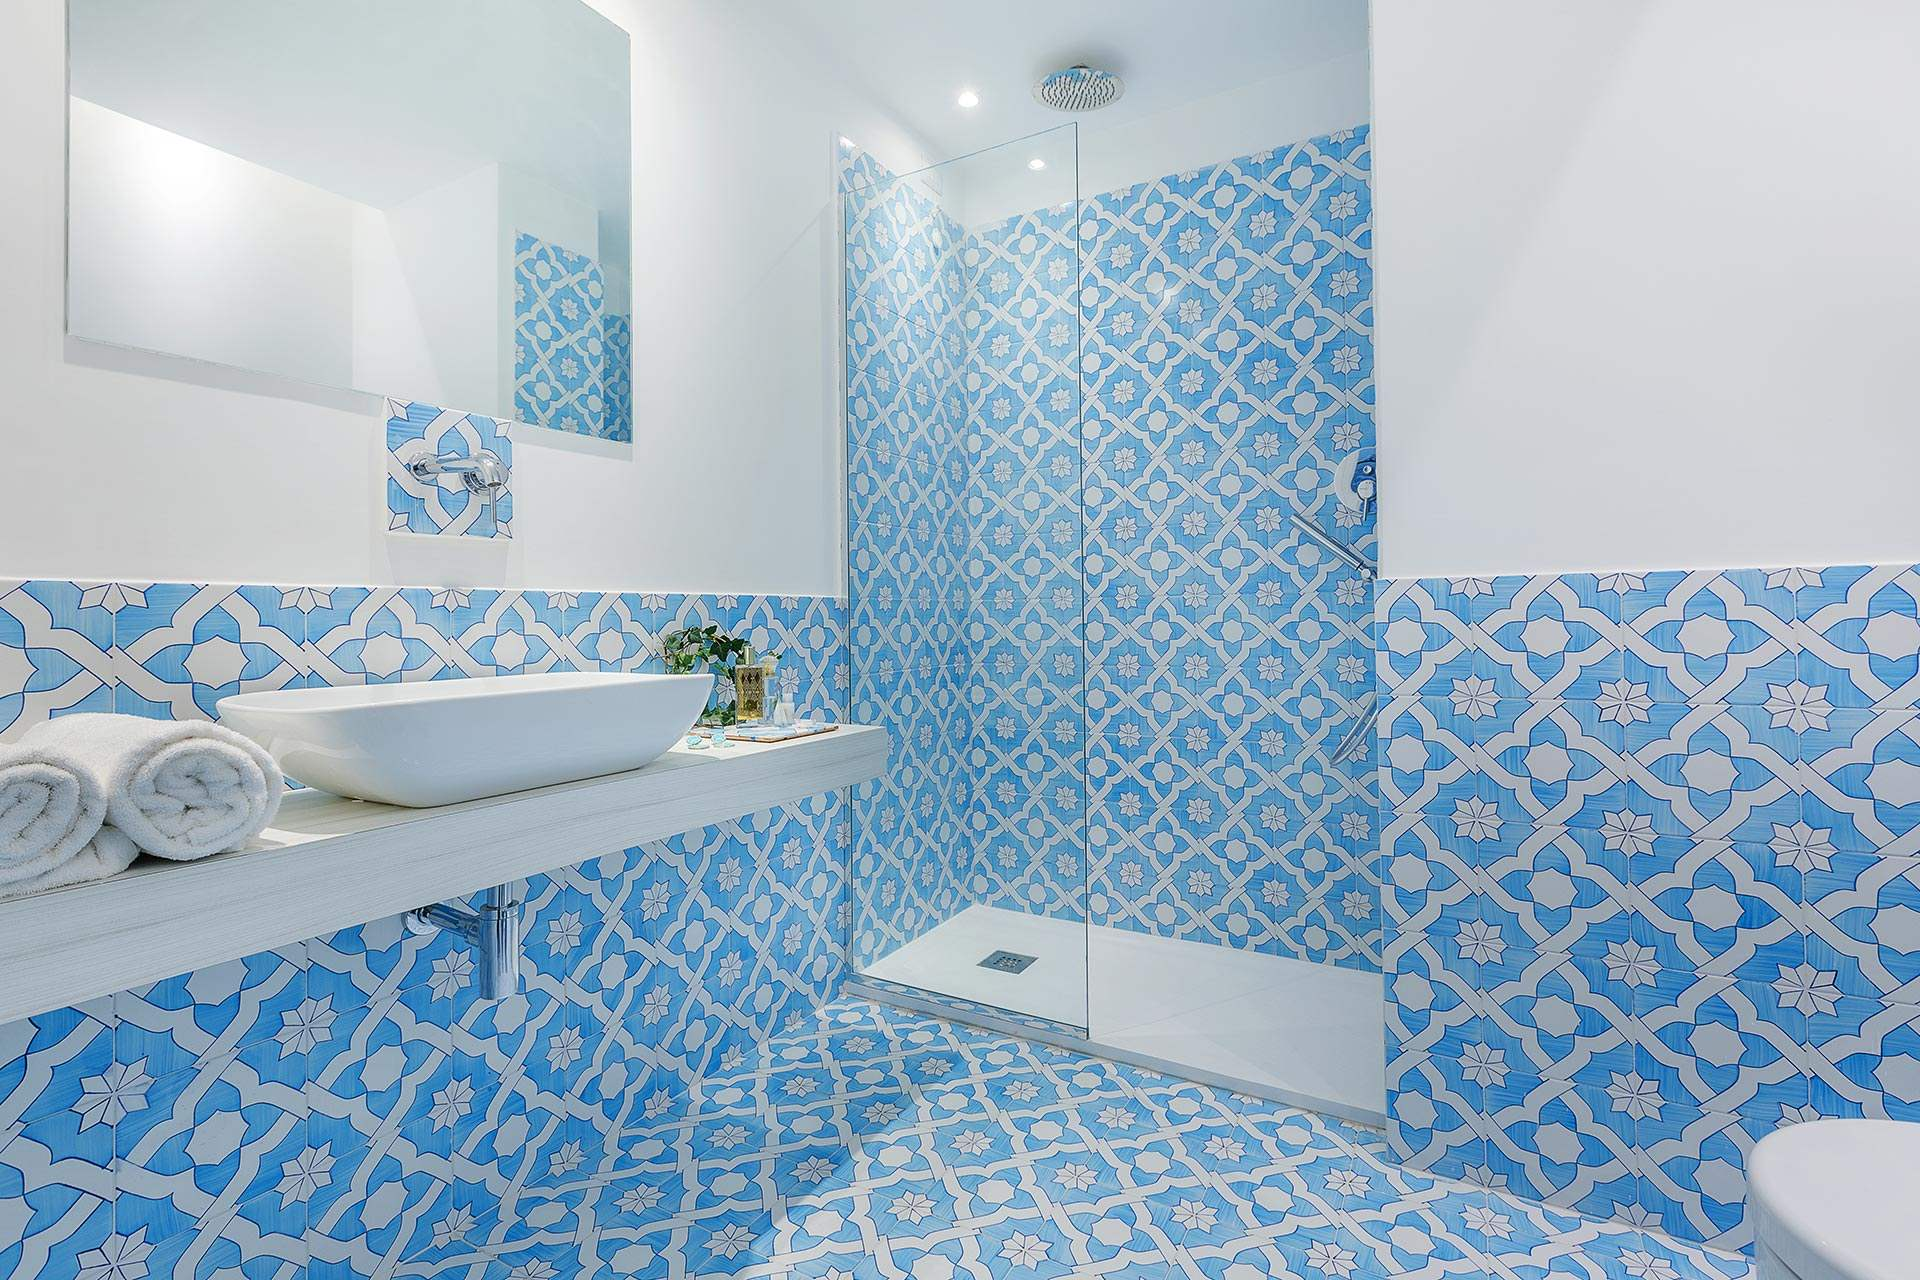 Domo20 Junior Suite Luxury Hostel Sorrento Coast Amalfi Vico Equense Pompeii Naples Italy Restaurant Mima Pool 3